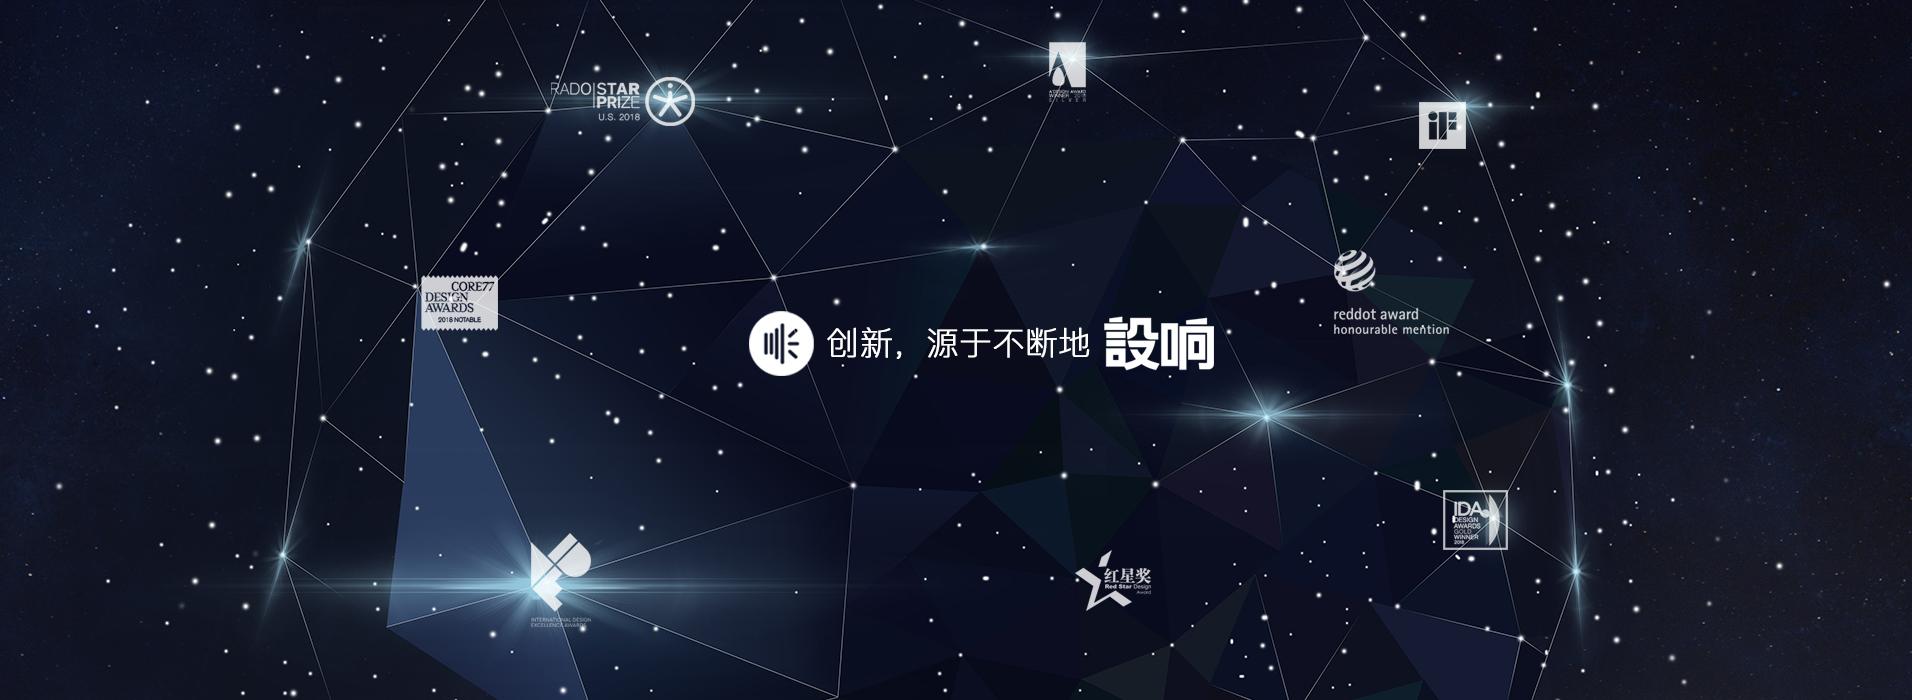 上海工业设计公司,电动车设计,产品外观设计,叉车设计,VI设计